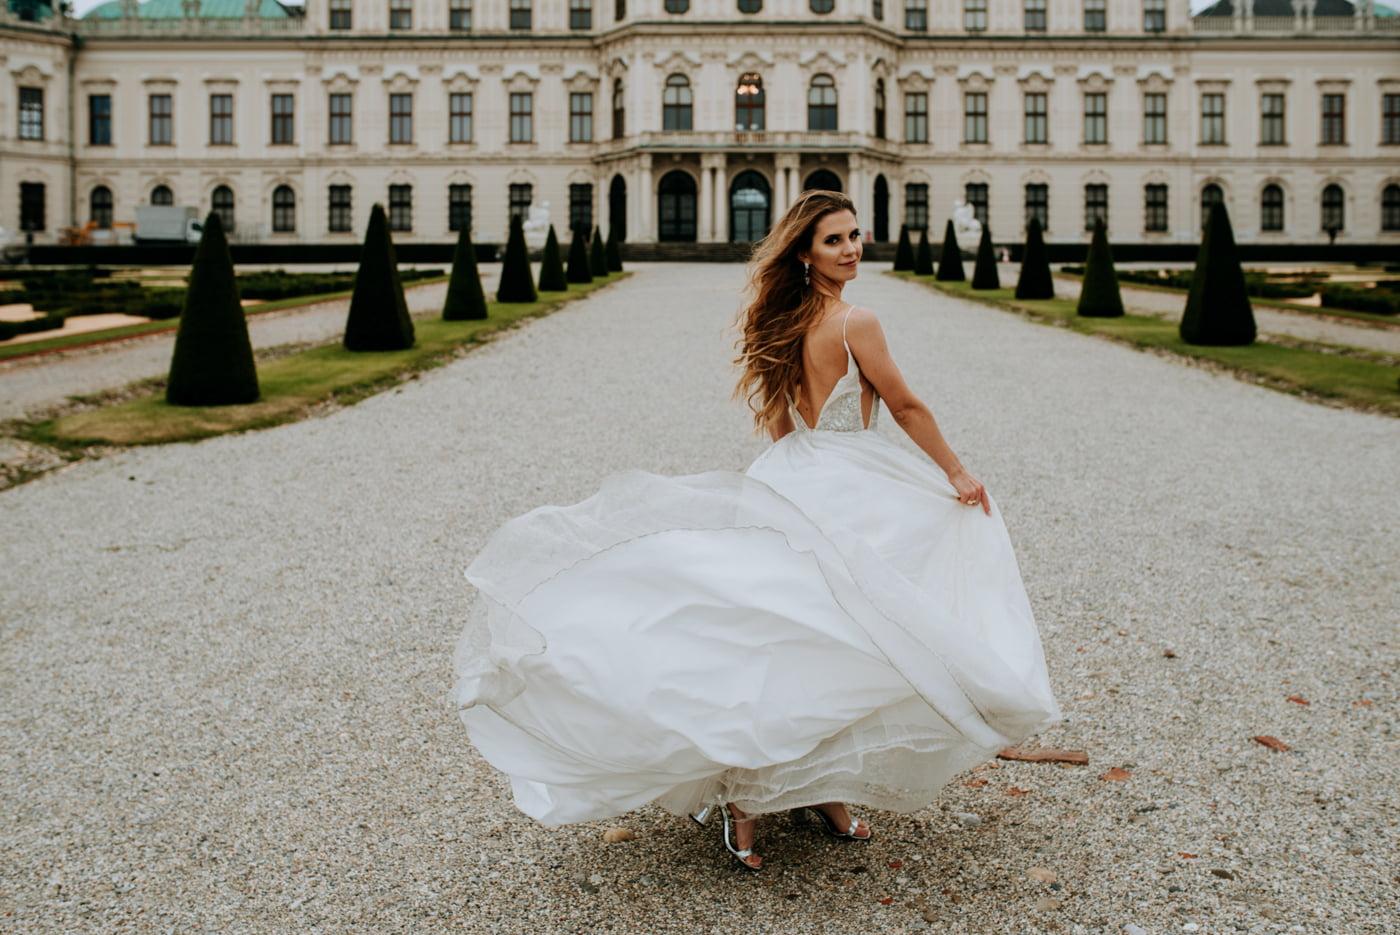 Sesja Ślubna w Wiedniu - Ania i Tomek 20